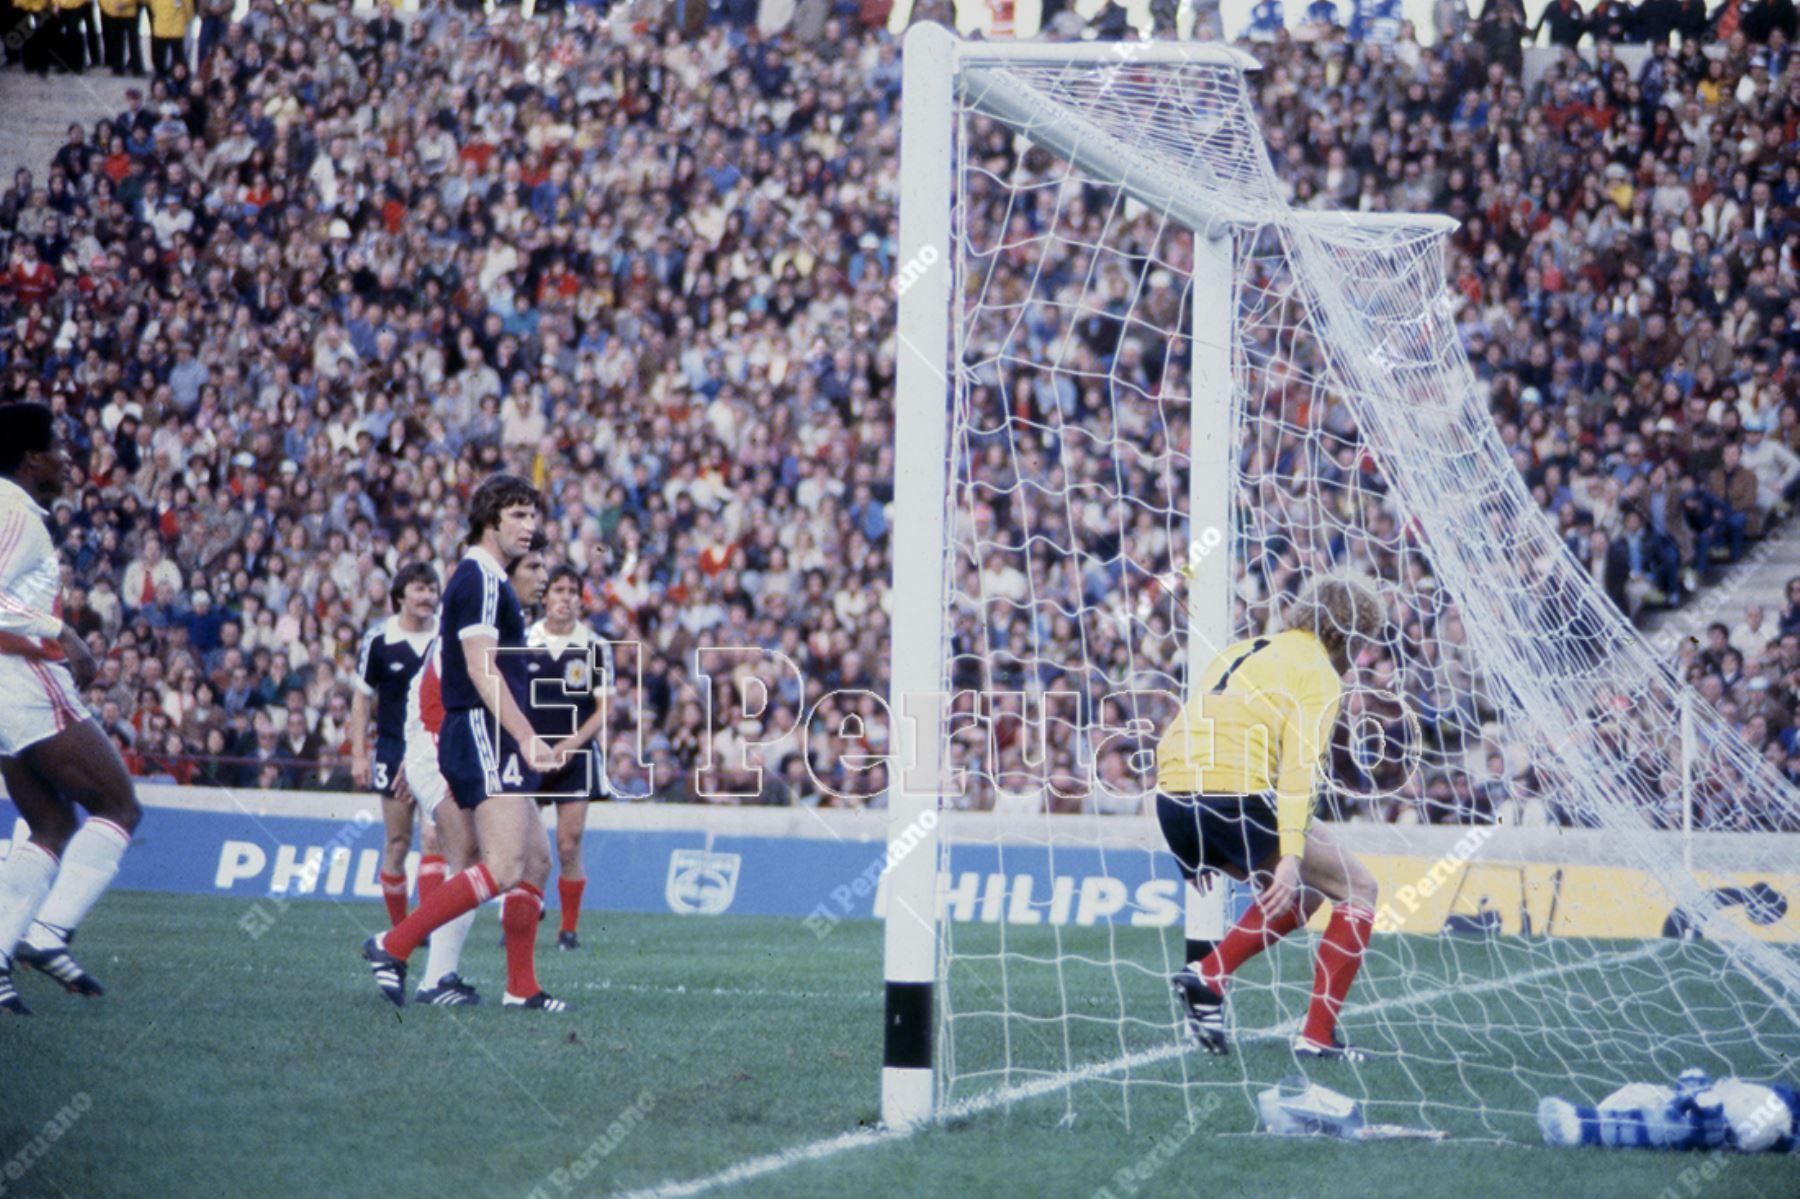 Argentina - 3 junio 1978 / César Cueto acaba de anotar el gol del empate. Al final  Perú venció 3-1 a Escocia por la primera fase del Mundial Argentina 78.  Foto: Archivo Histórico de El Peruano / Rolando Ángeles